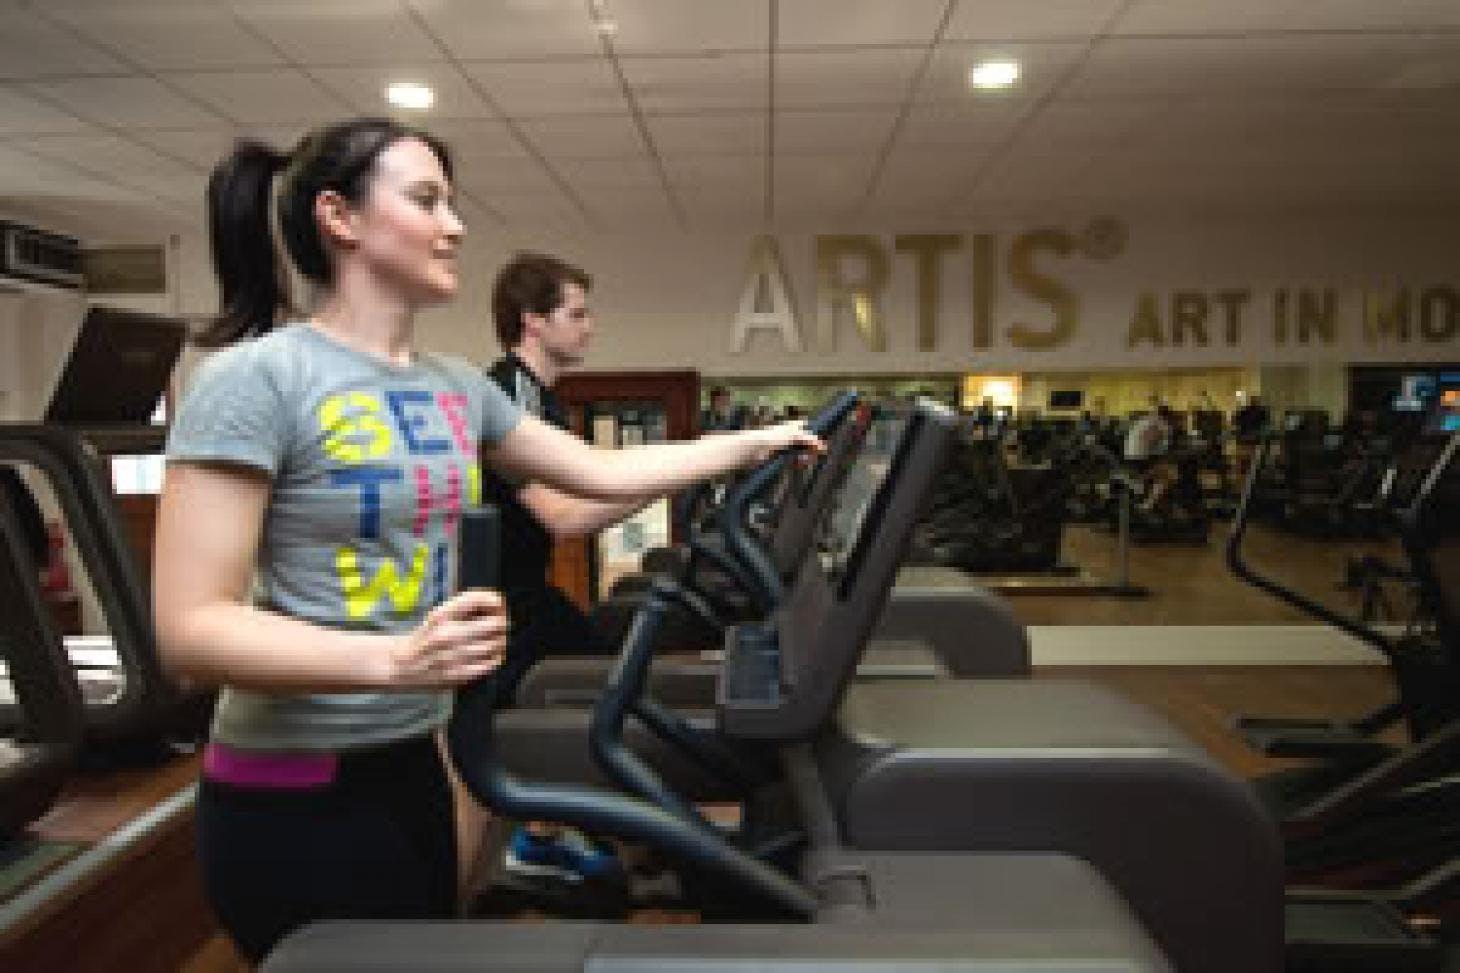 Hogarth Health Club Gym gym